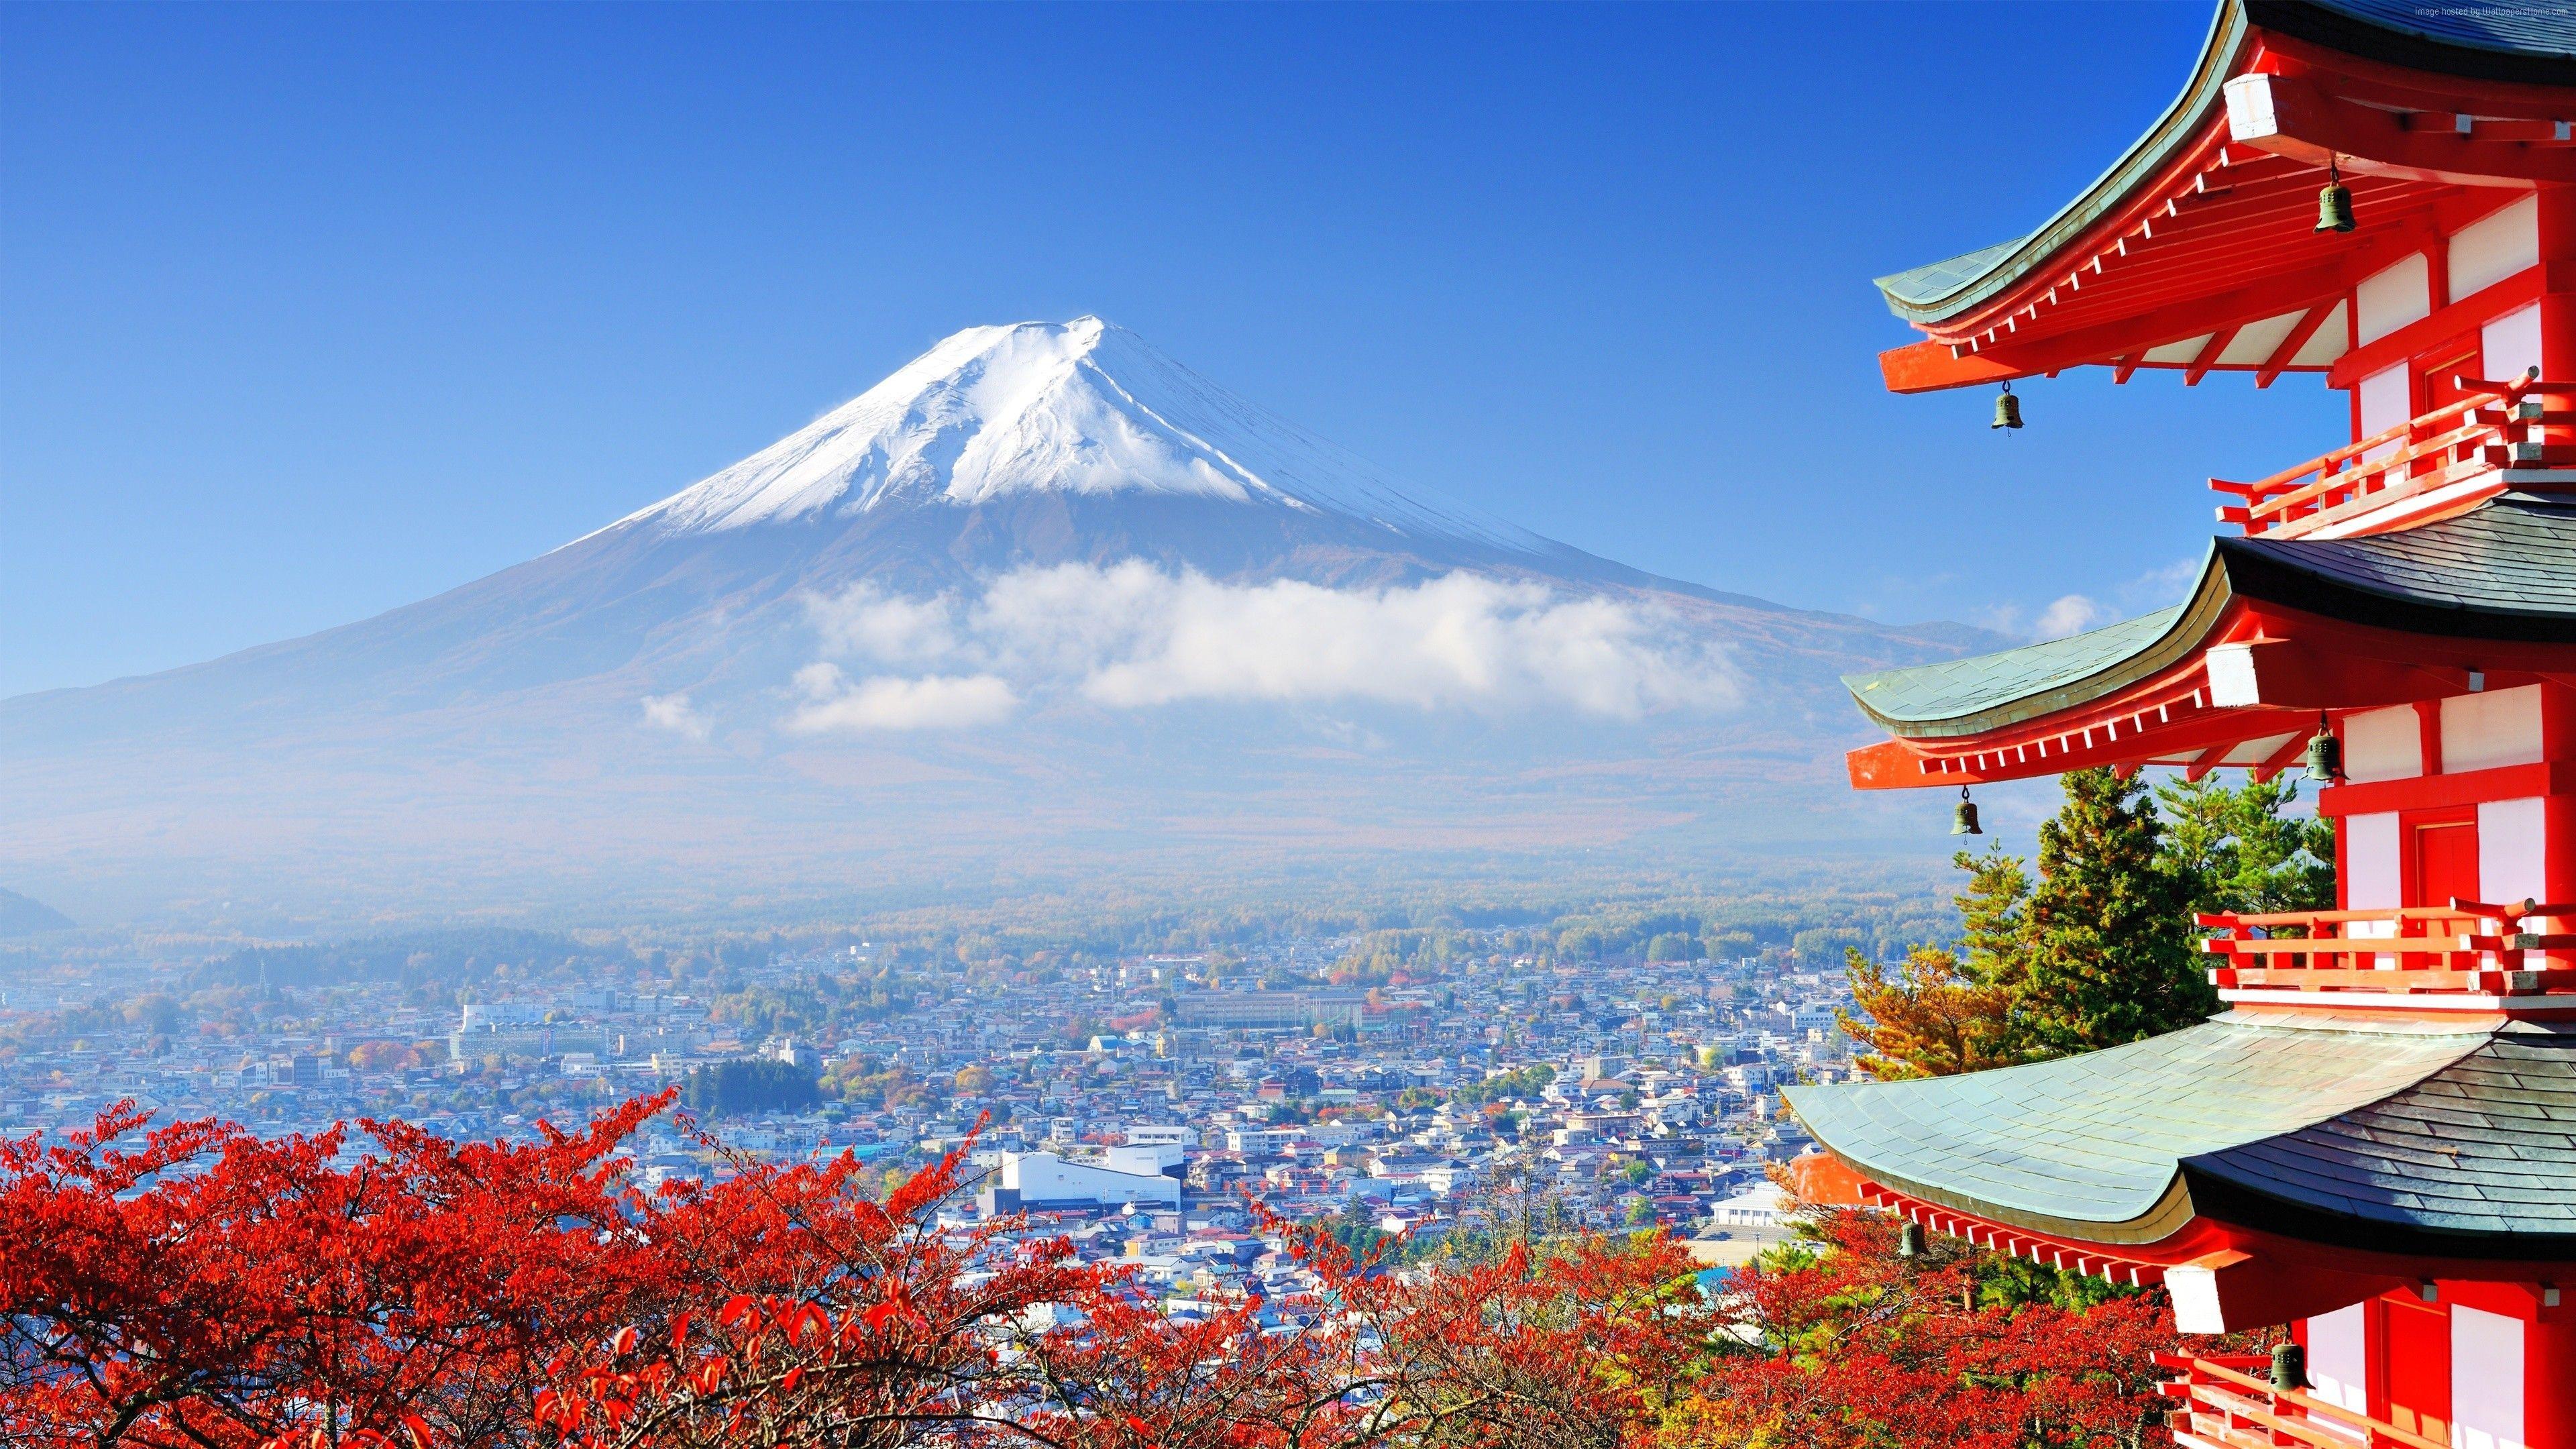 Download Image In 2020 Japan Tourist Mount Fuji Japan Japan Travel